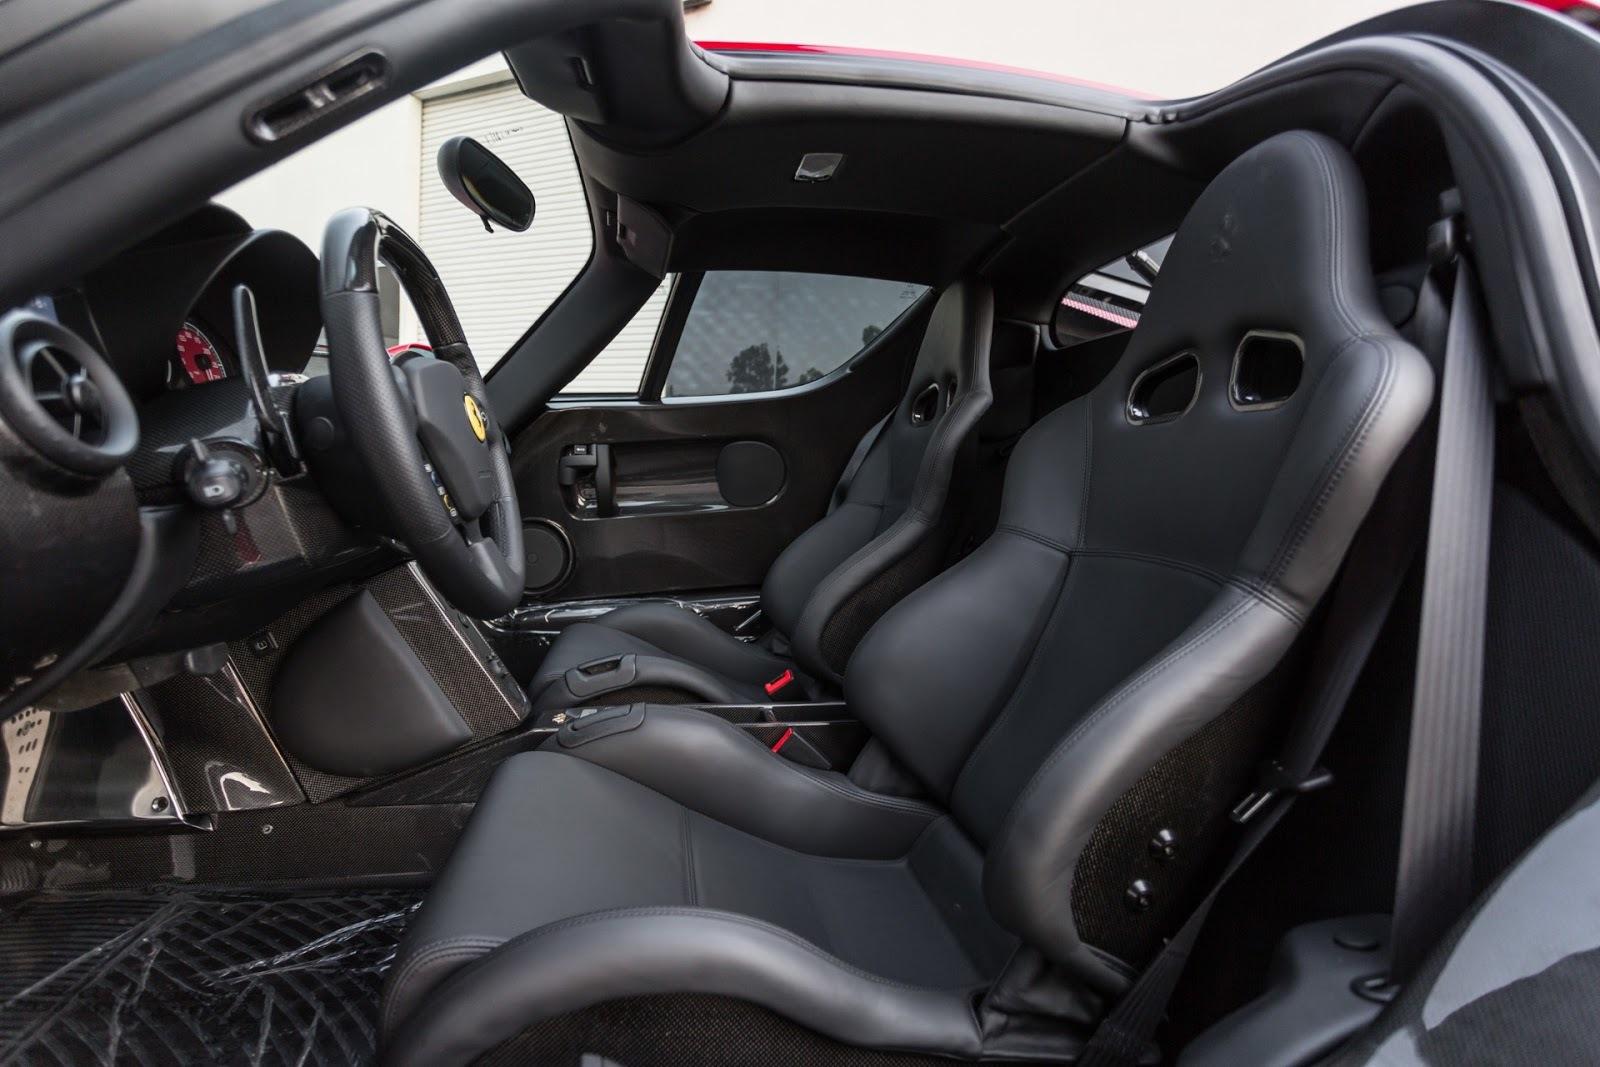 Nhờ đó, Ferrari Enzo có thể tăng tốc từ 0-96 km/h trong 3,14 giây trước khi đạt vận tốc tối đa 363 km/h